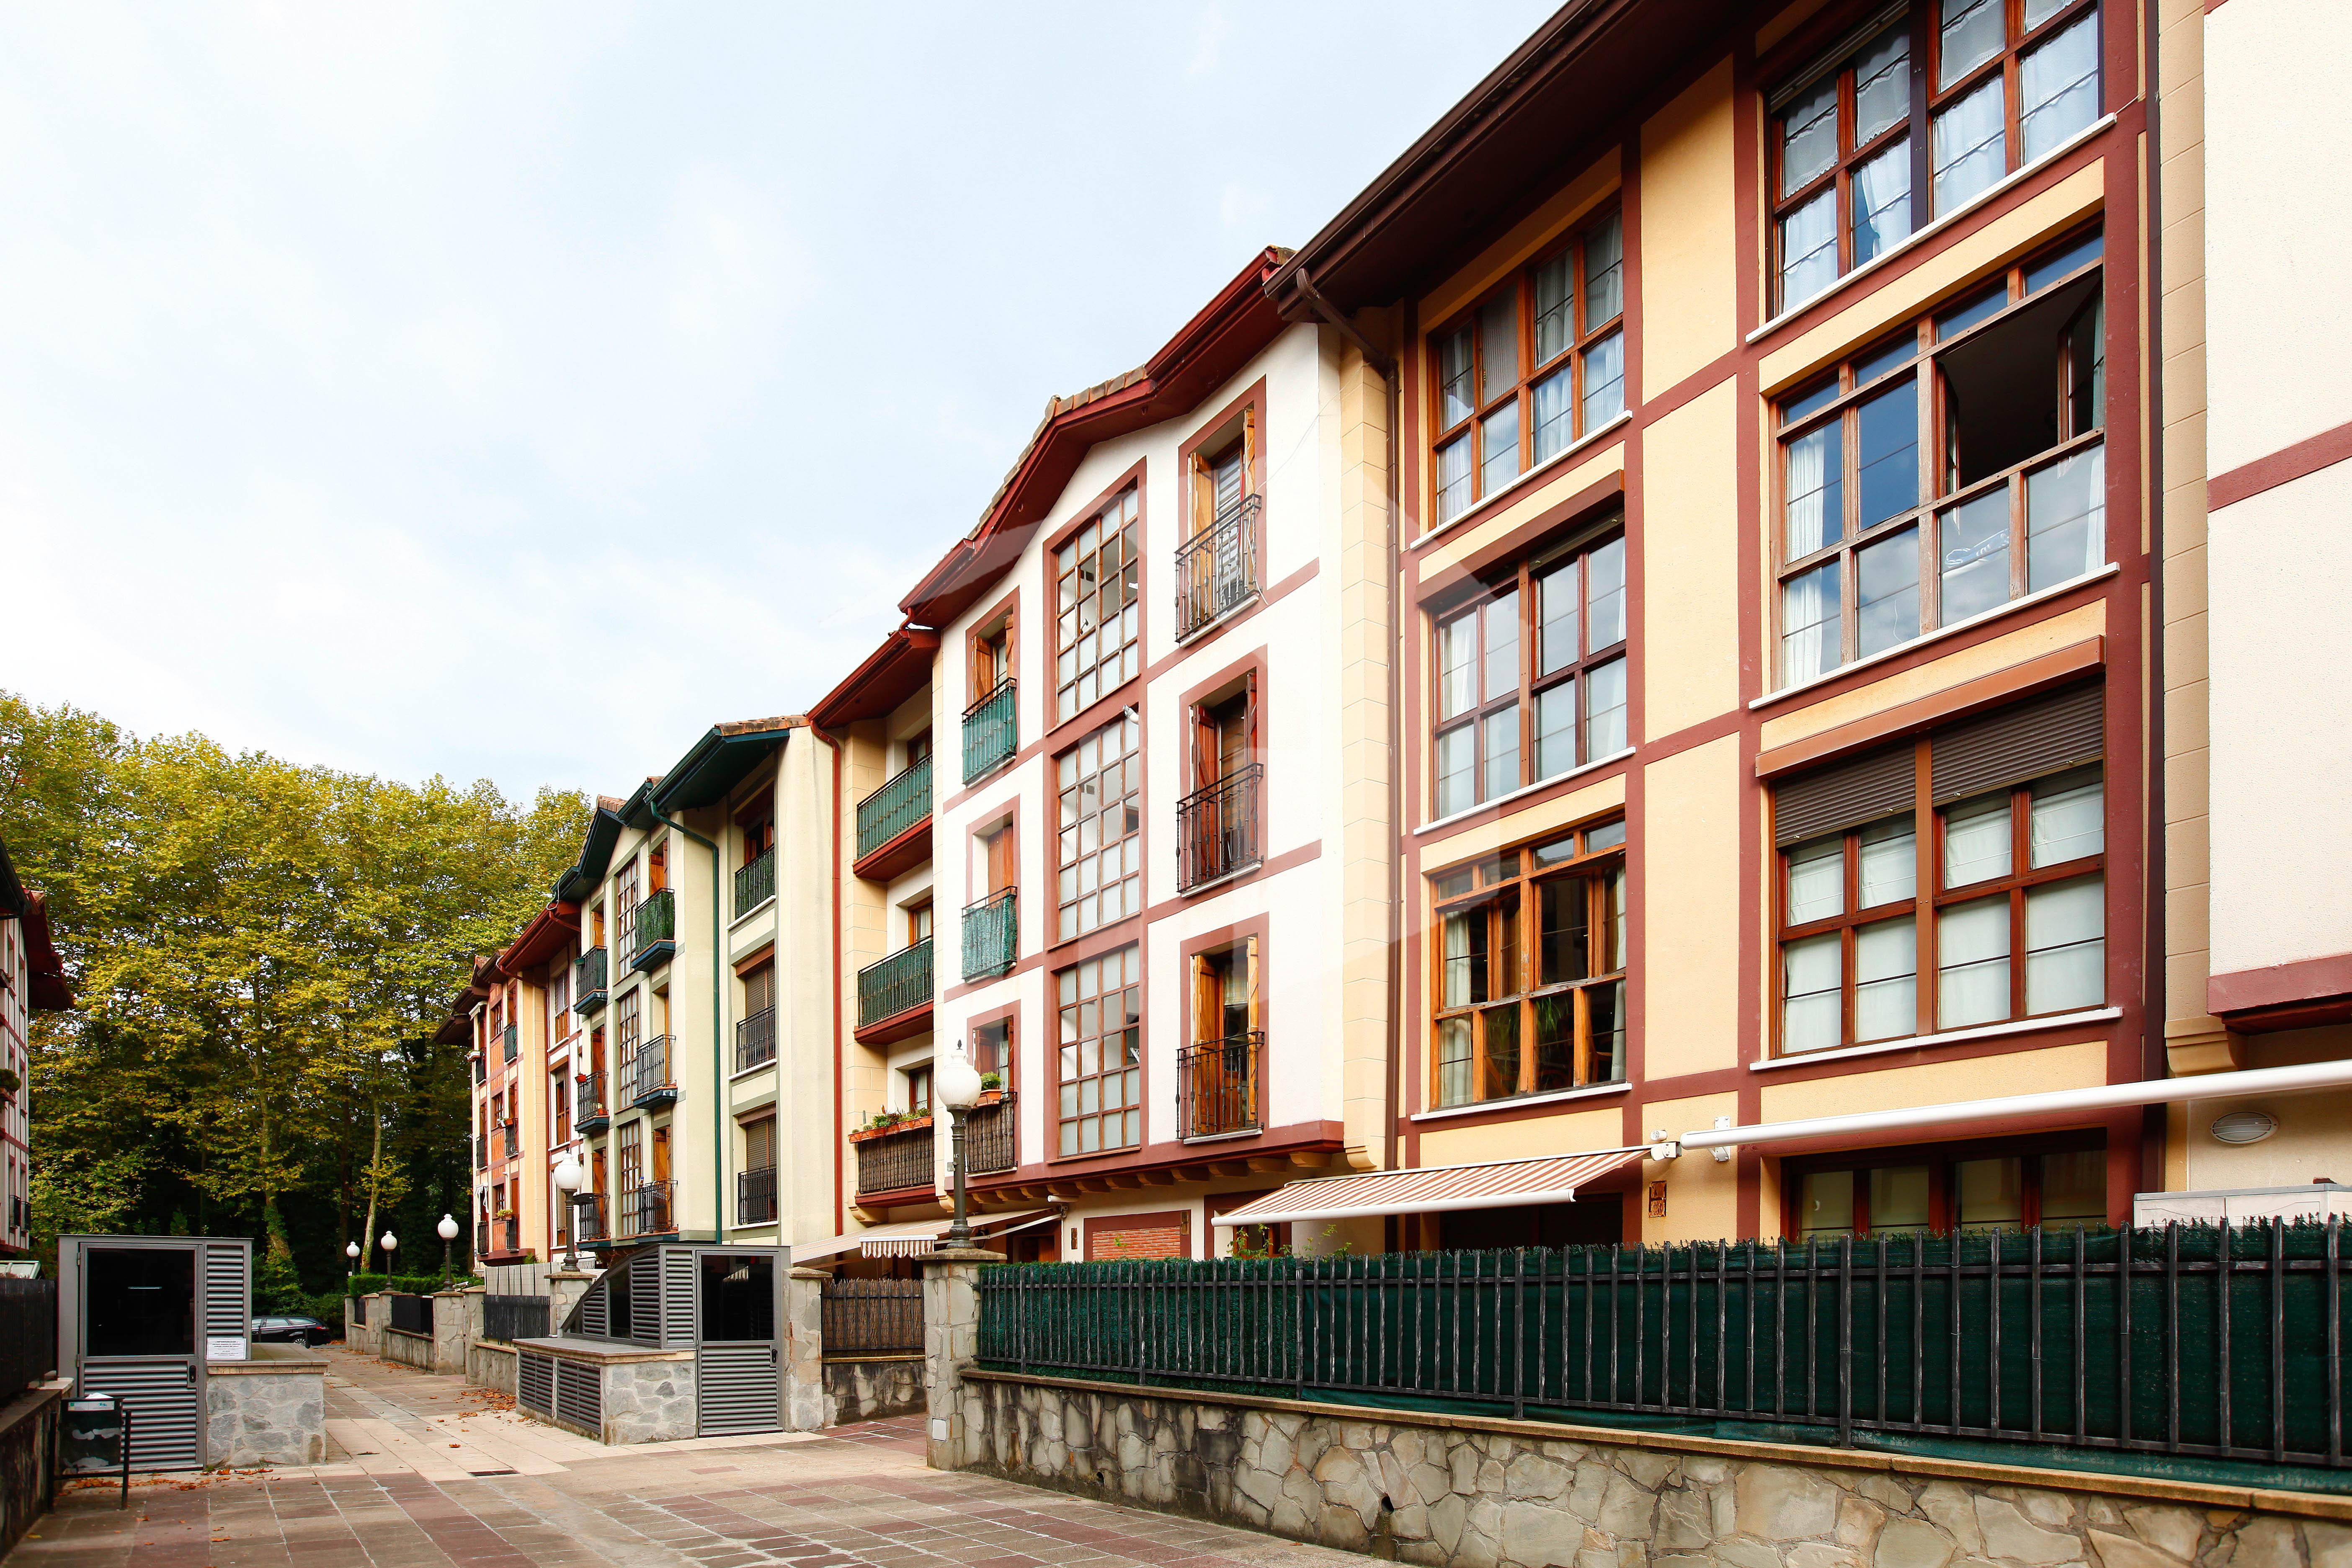 Precioso piso en poblado de Urdanibia. El piso, de 103,63 m2, es ideal para familias, por estar ubicado en una zona tranquila y agradable, y rodeado de parques y zonas verdes.